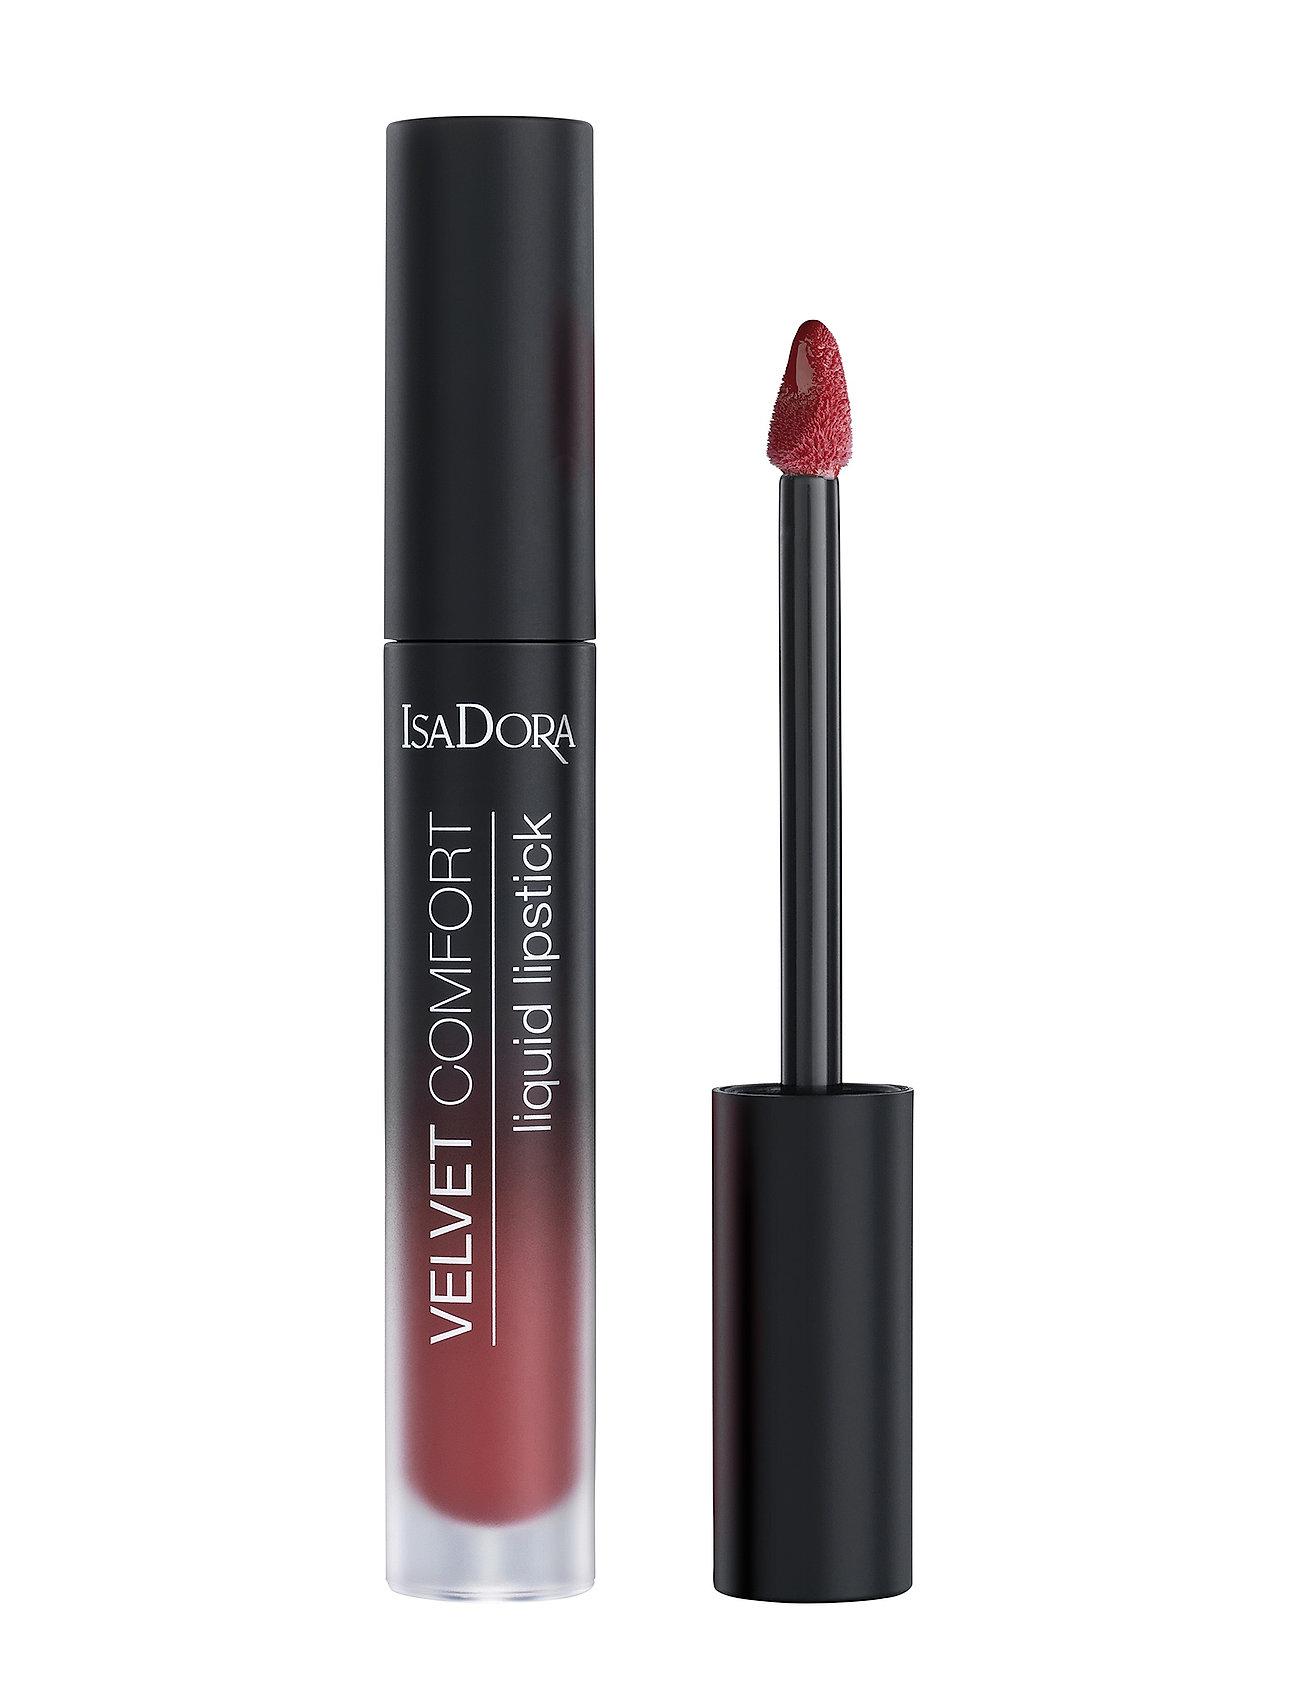 Isadora - Velvet Comfort Liquid Lipstick Deep Rose - liquid lipstick - deep rose - 1